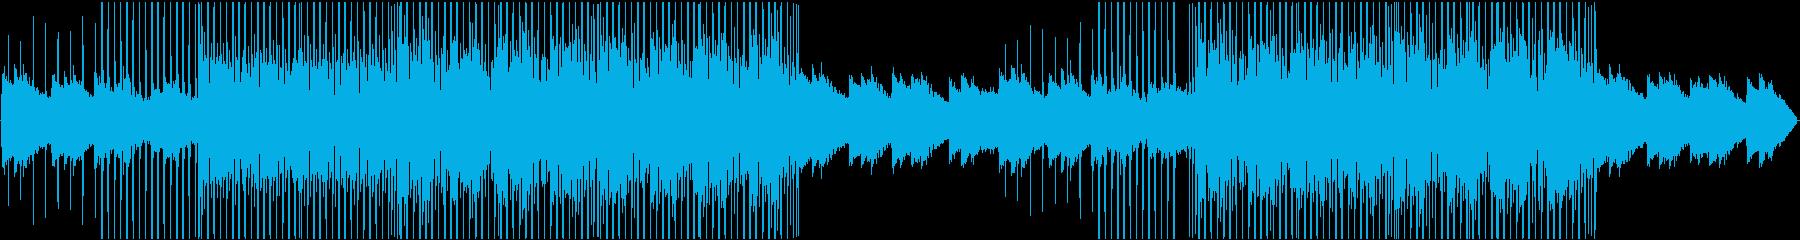 ソフトシンセによるダンスミュージックの再生済みの波形